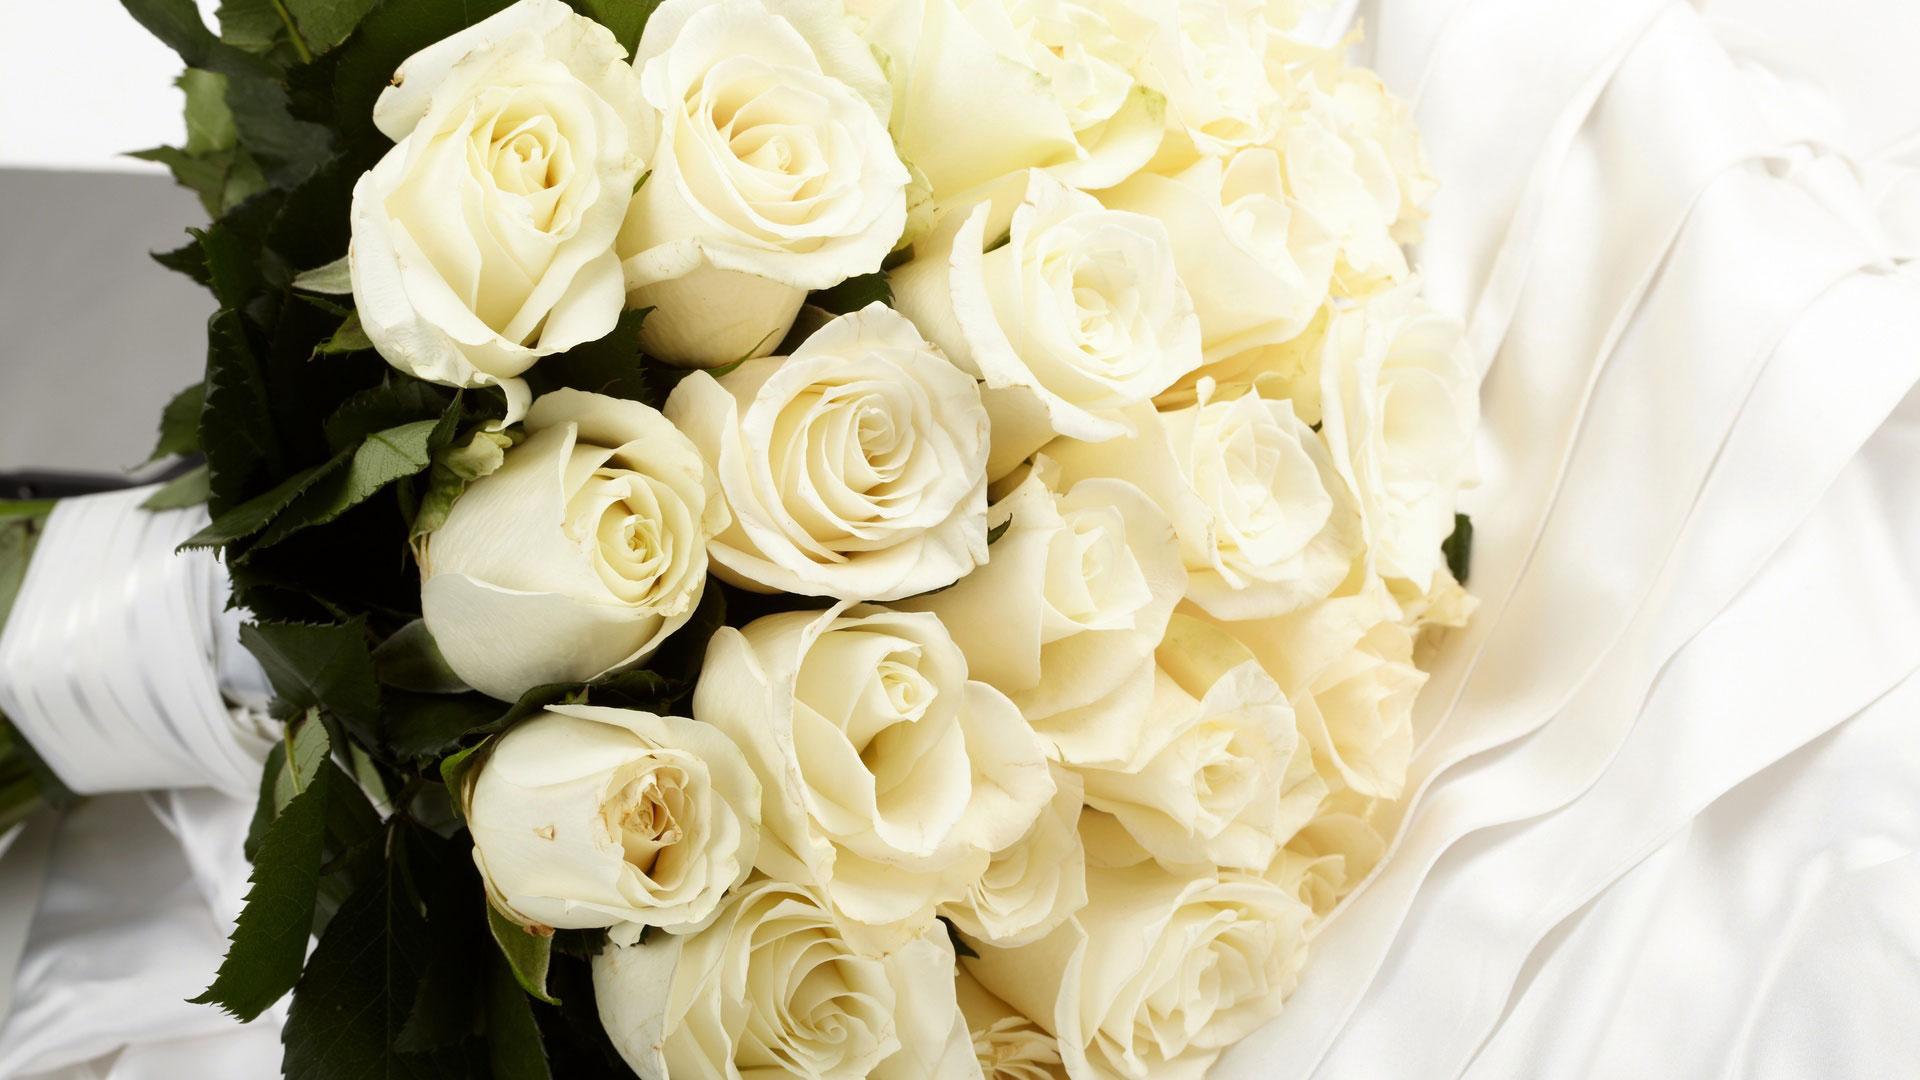 buchet-mireasa-cu-trandafiri-albi